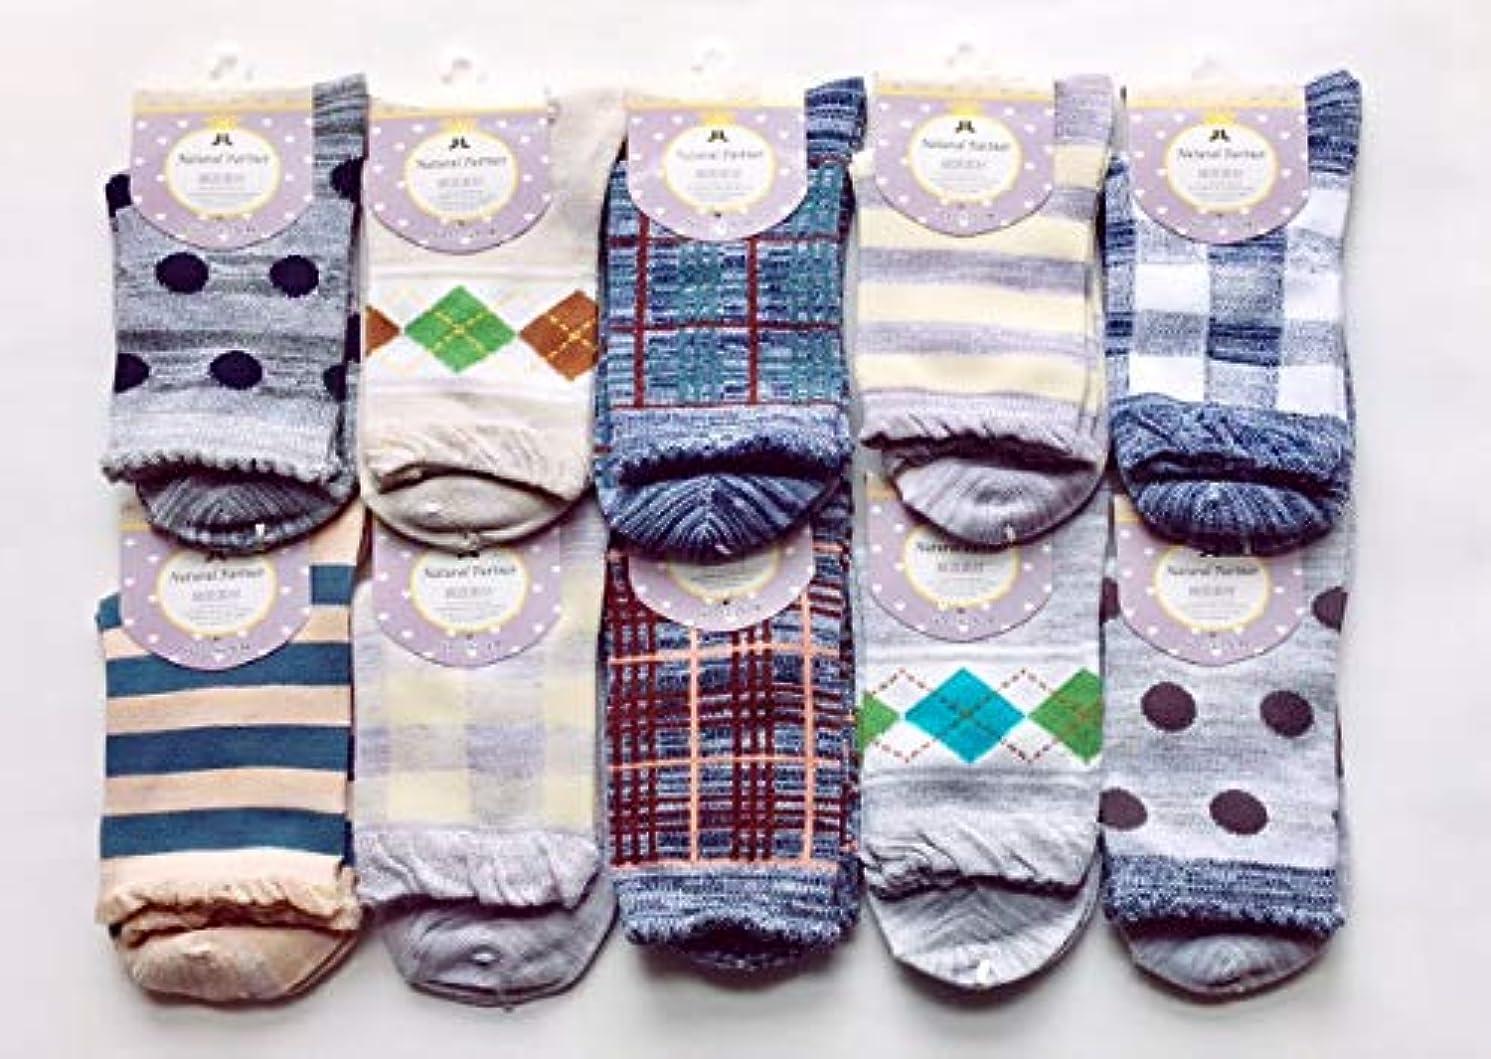 収益レンジハーフソックス レディース 綿混 ナチュラル柄 おしゃれな靴下 23-25cm お買得10足セット